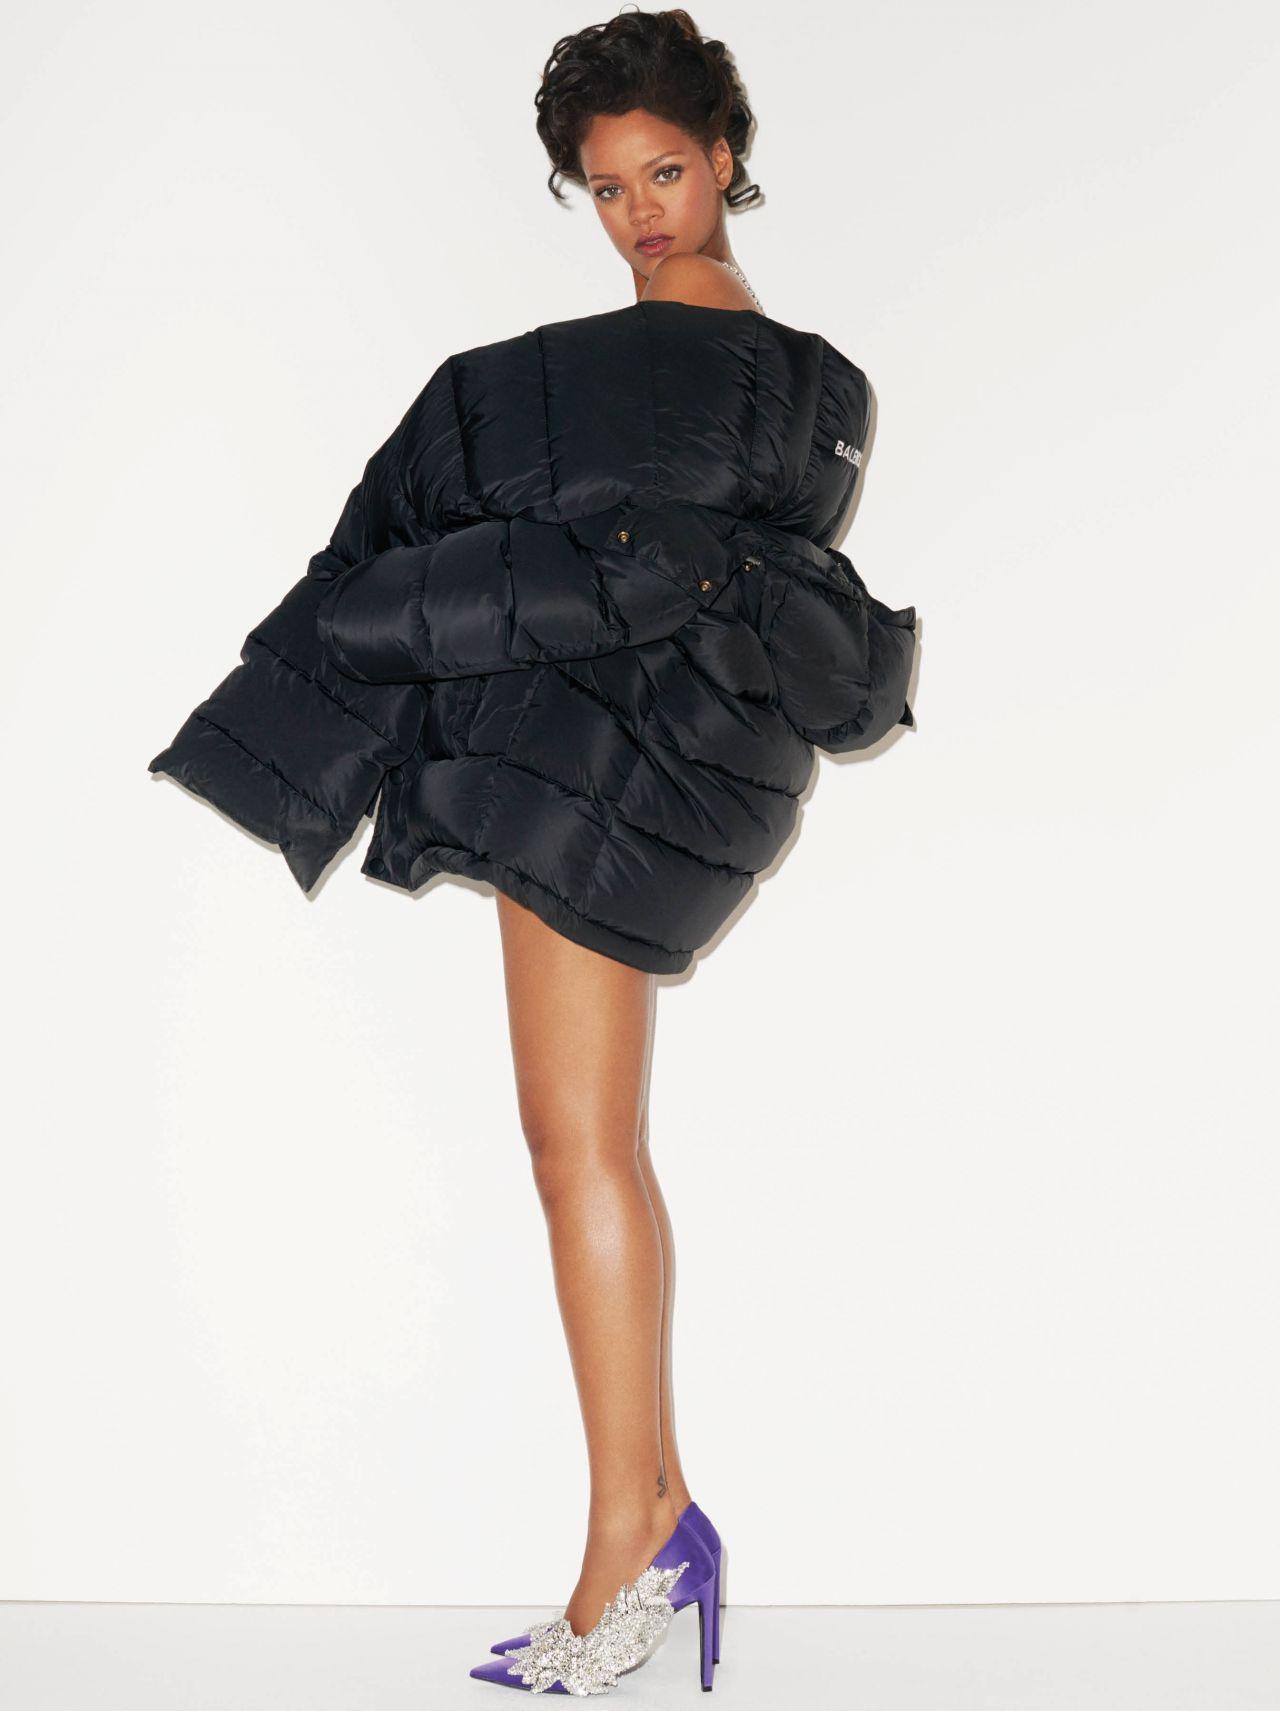 Rihanna Cr Fashion Book Fall Winter 2016